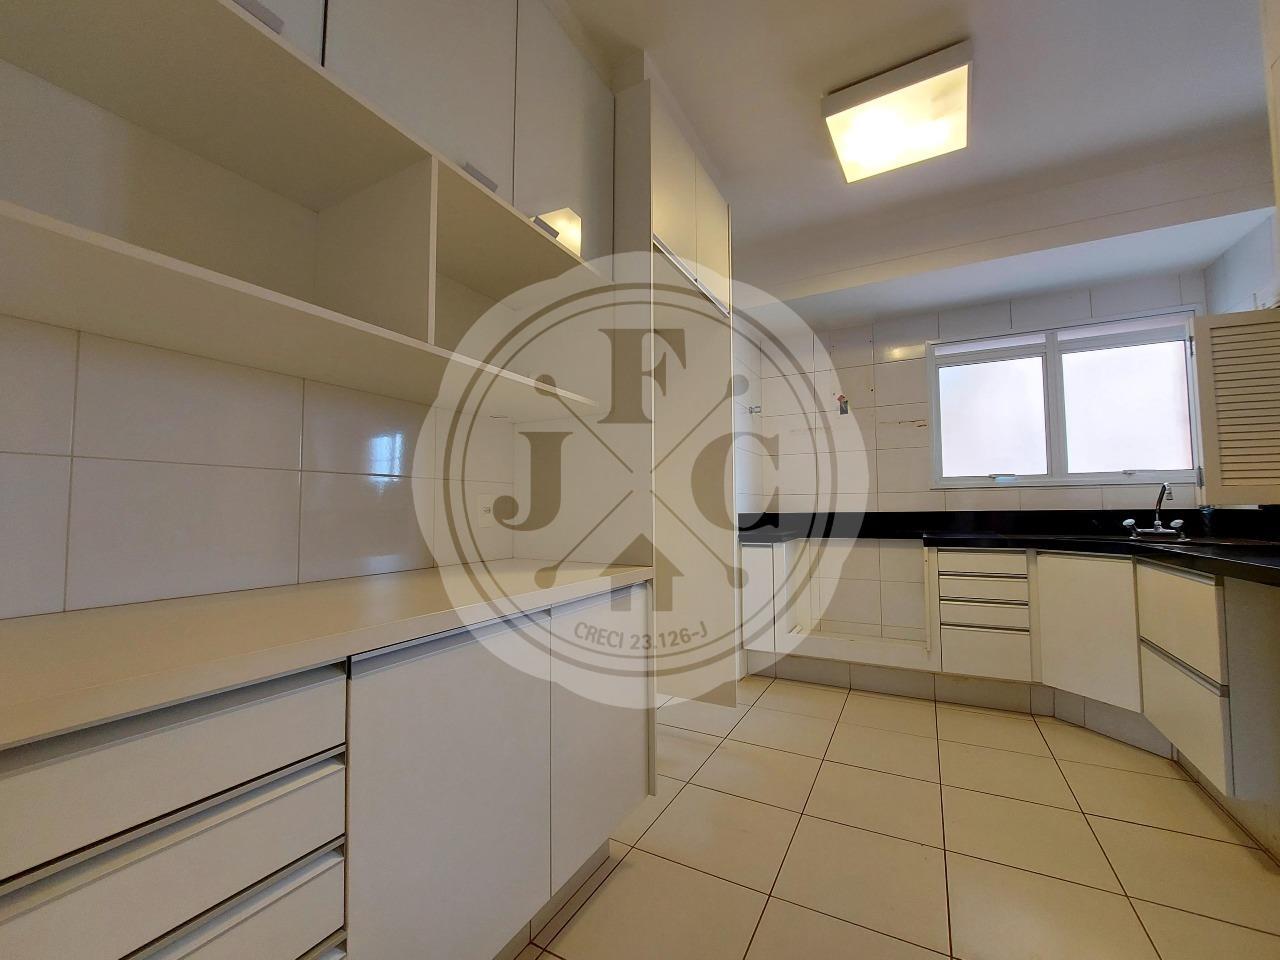 Apartamento para aluguel no Bosque das Juritis: Cozinha Planejada